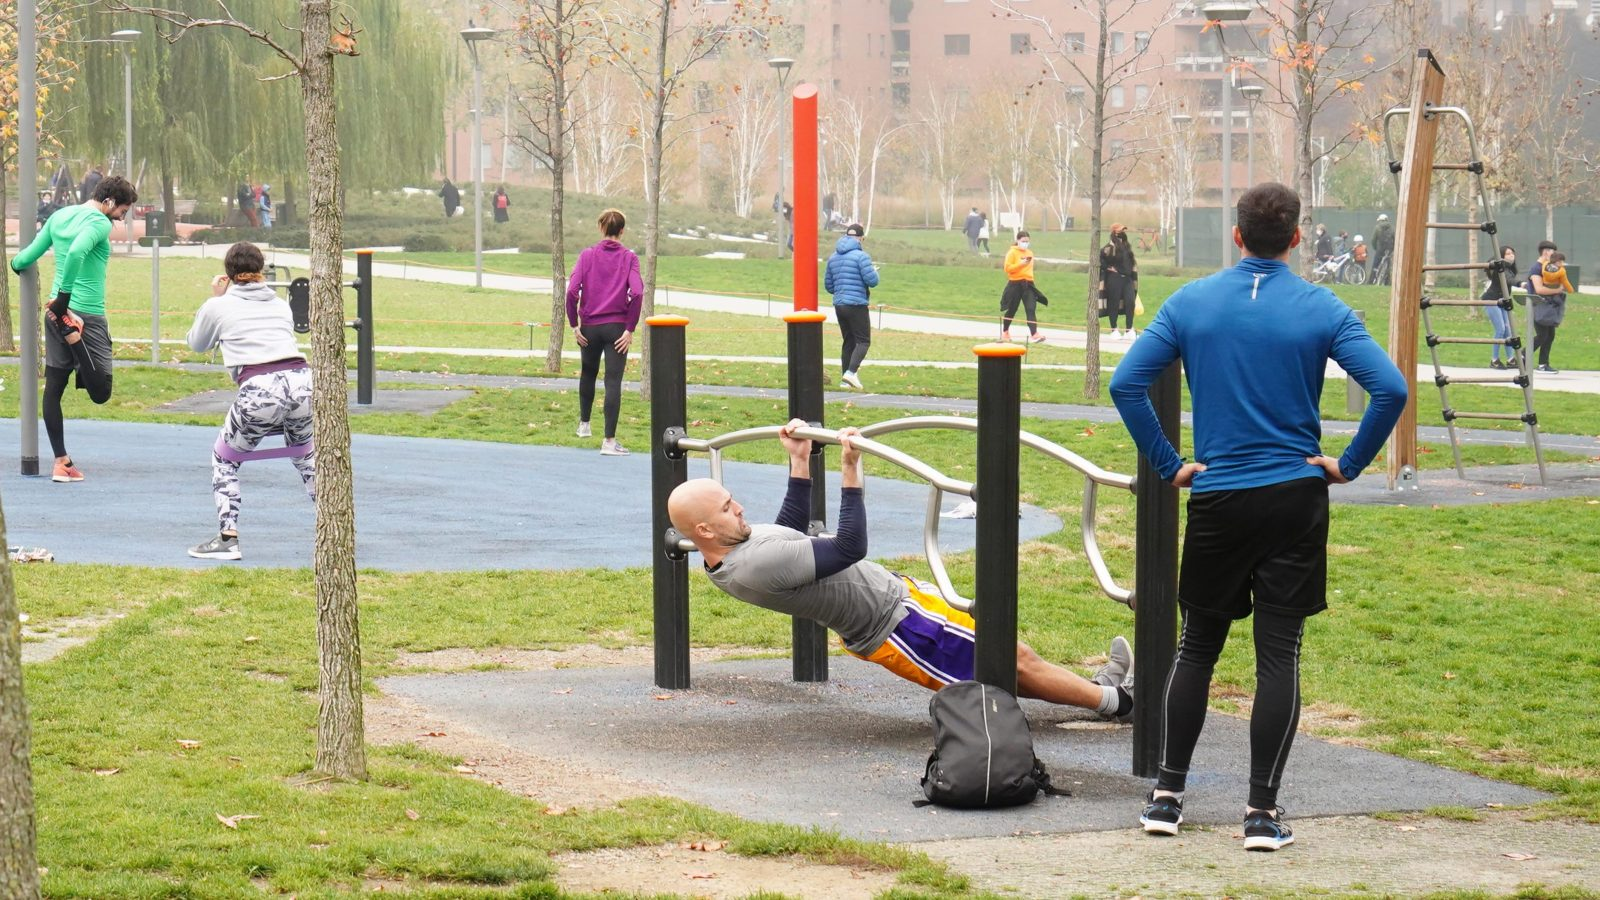 immagine di persone che fanno sport in un parco